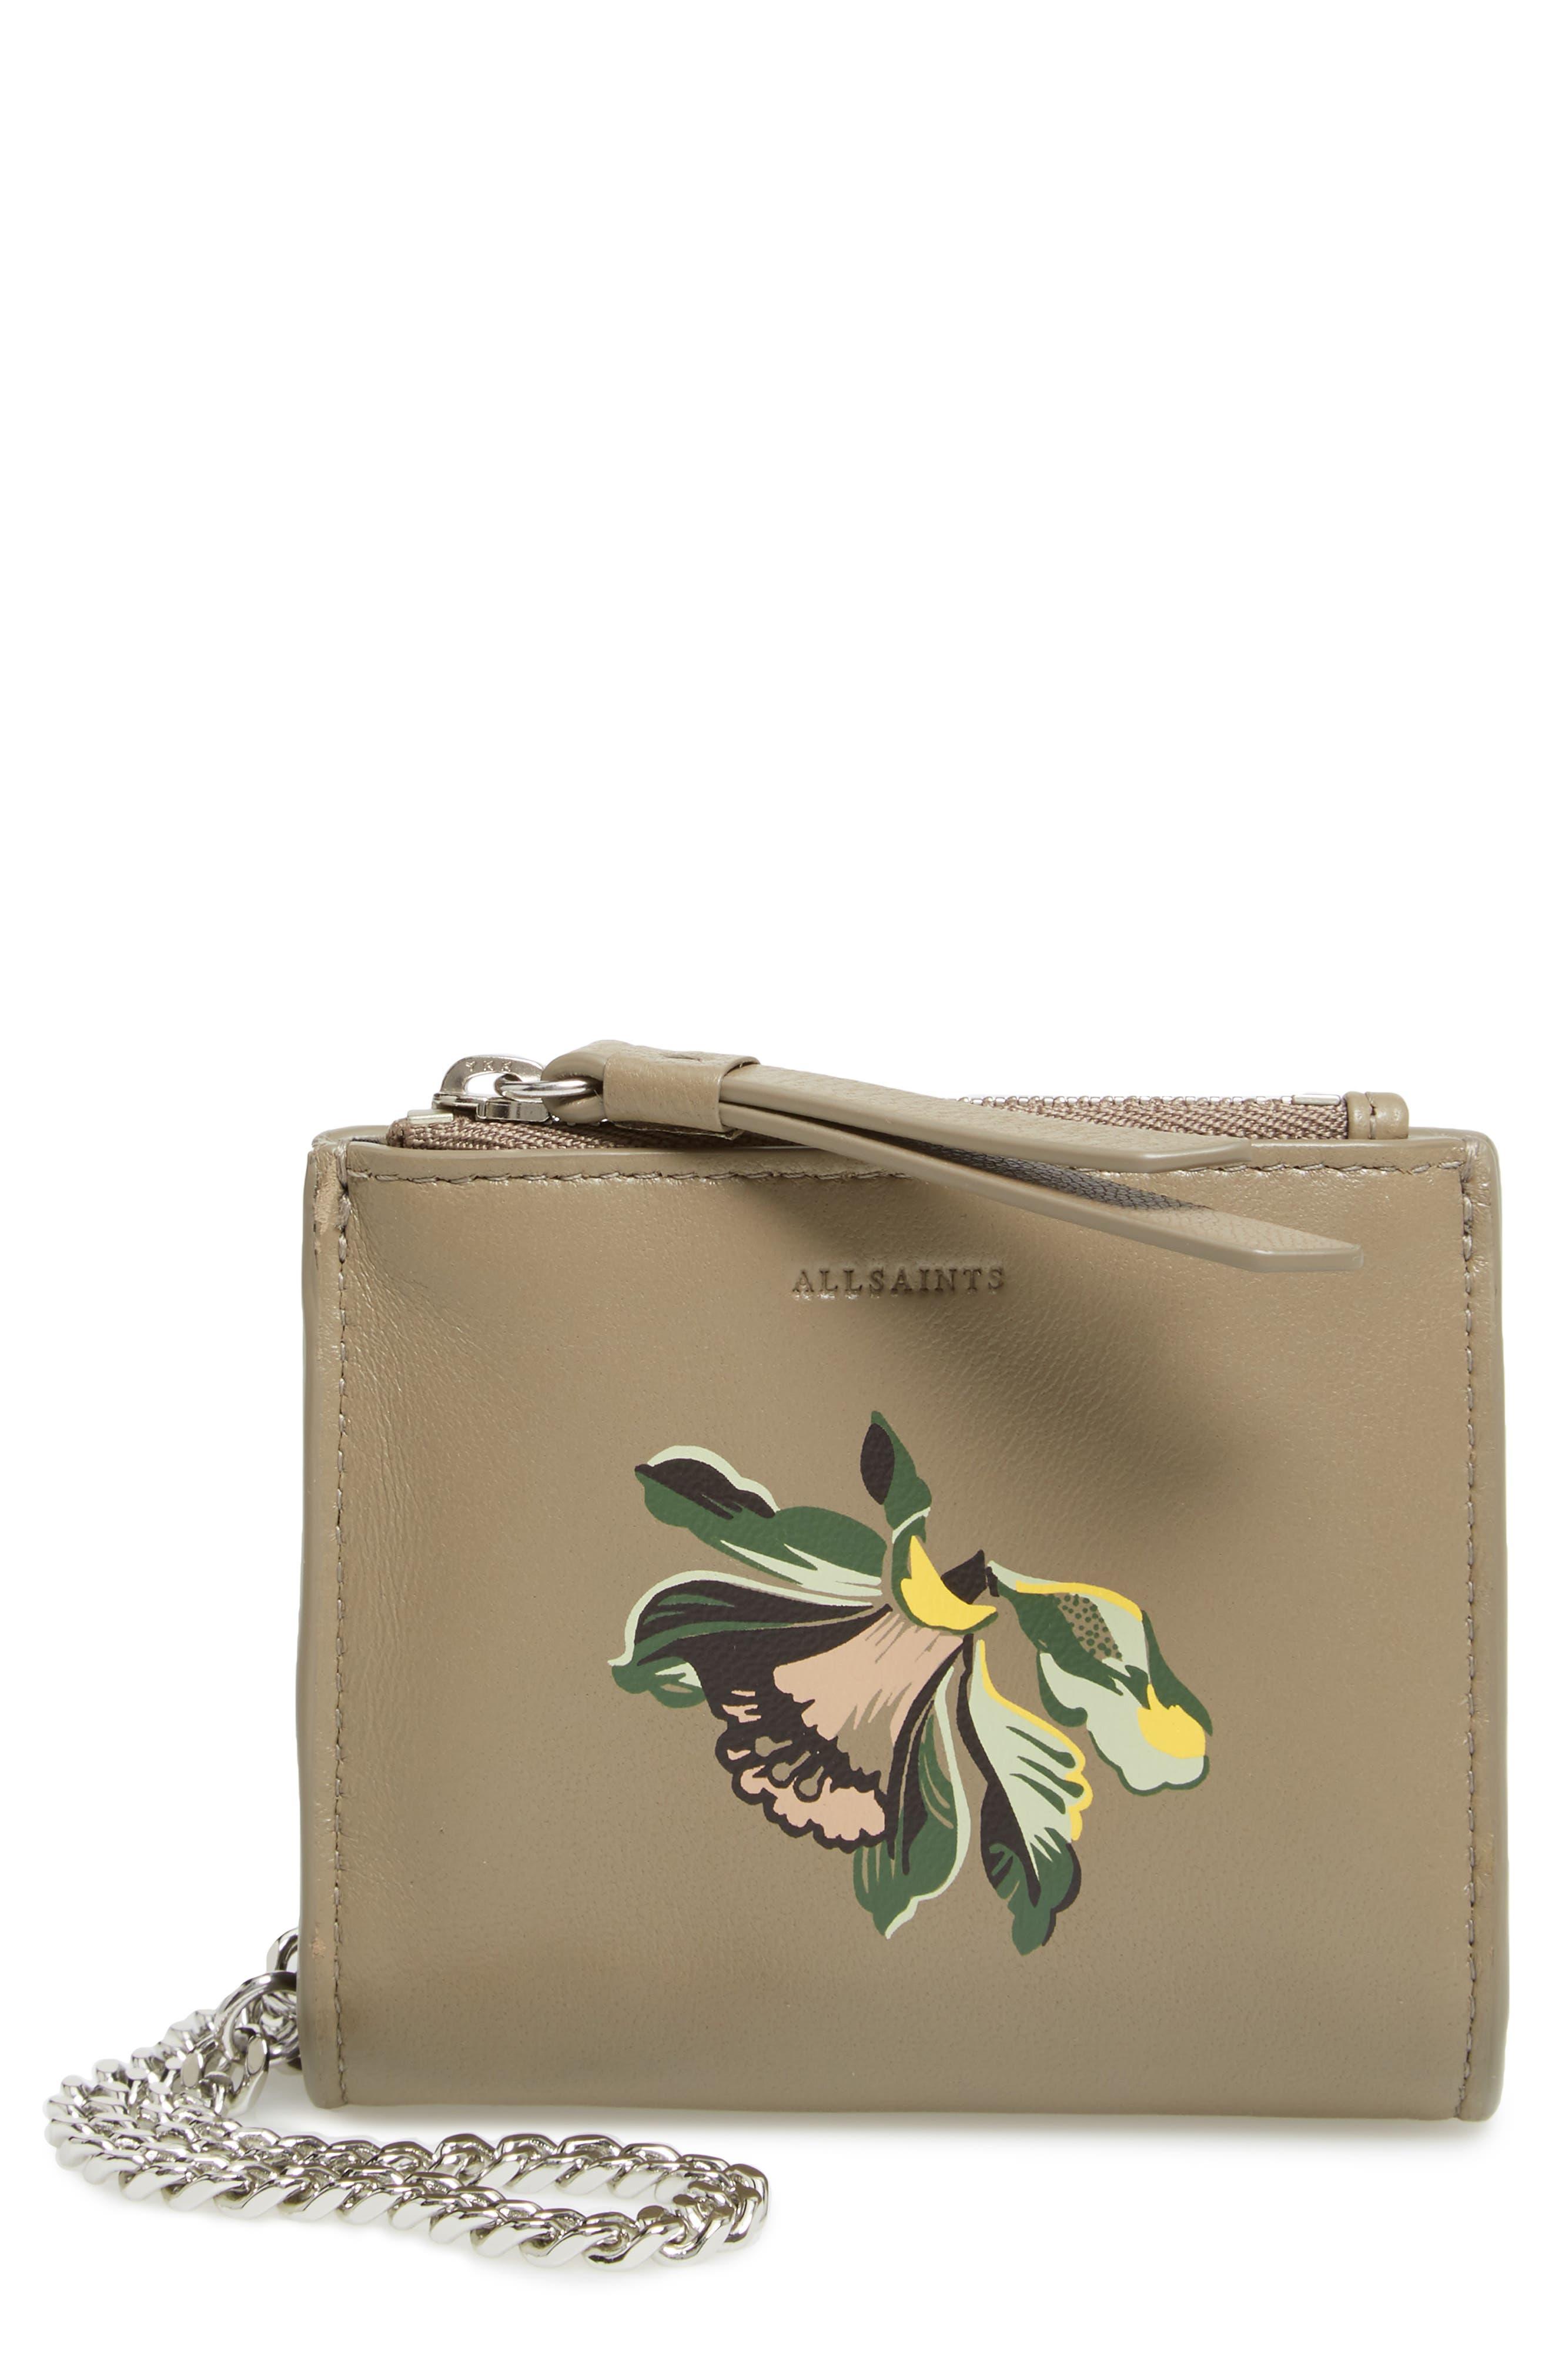 Flora Leather Wristlet,                             Main thumbnail 1, color,                             250